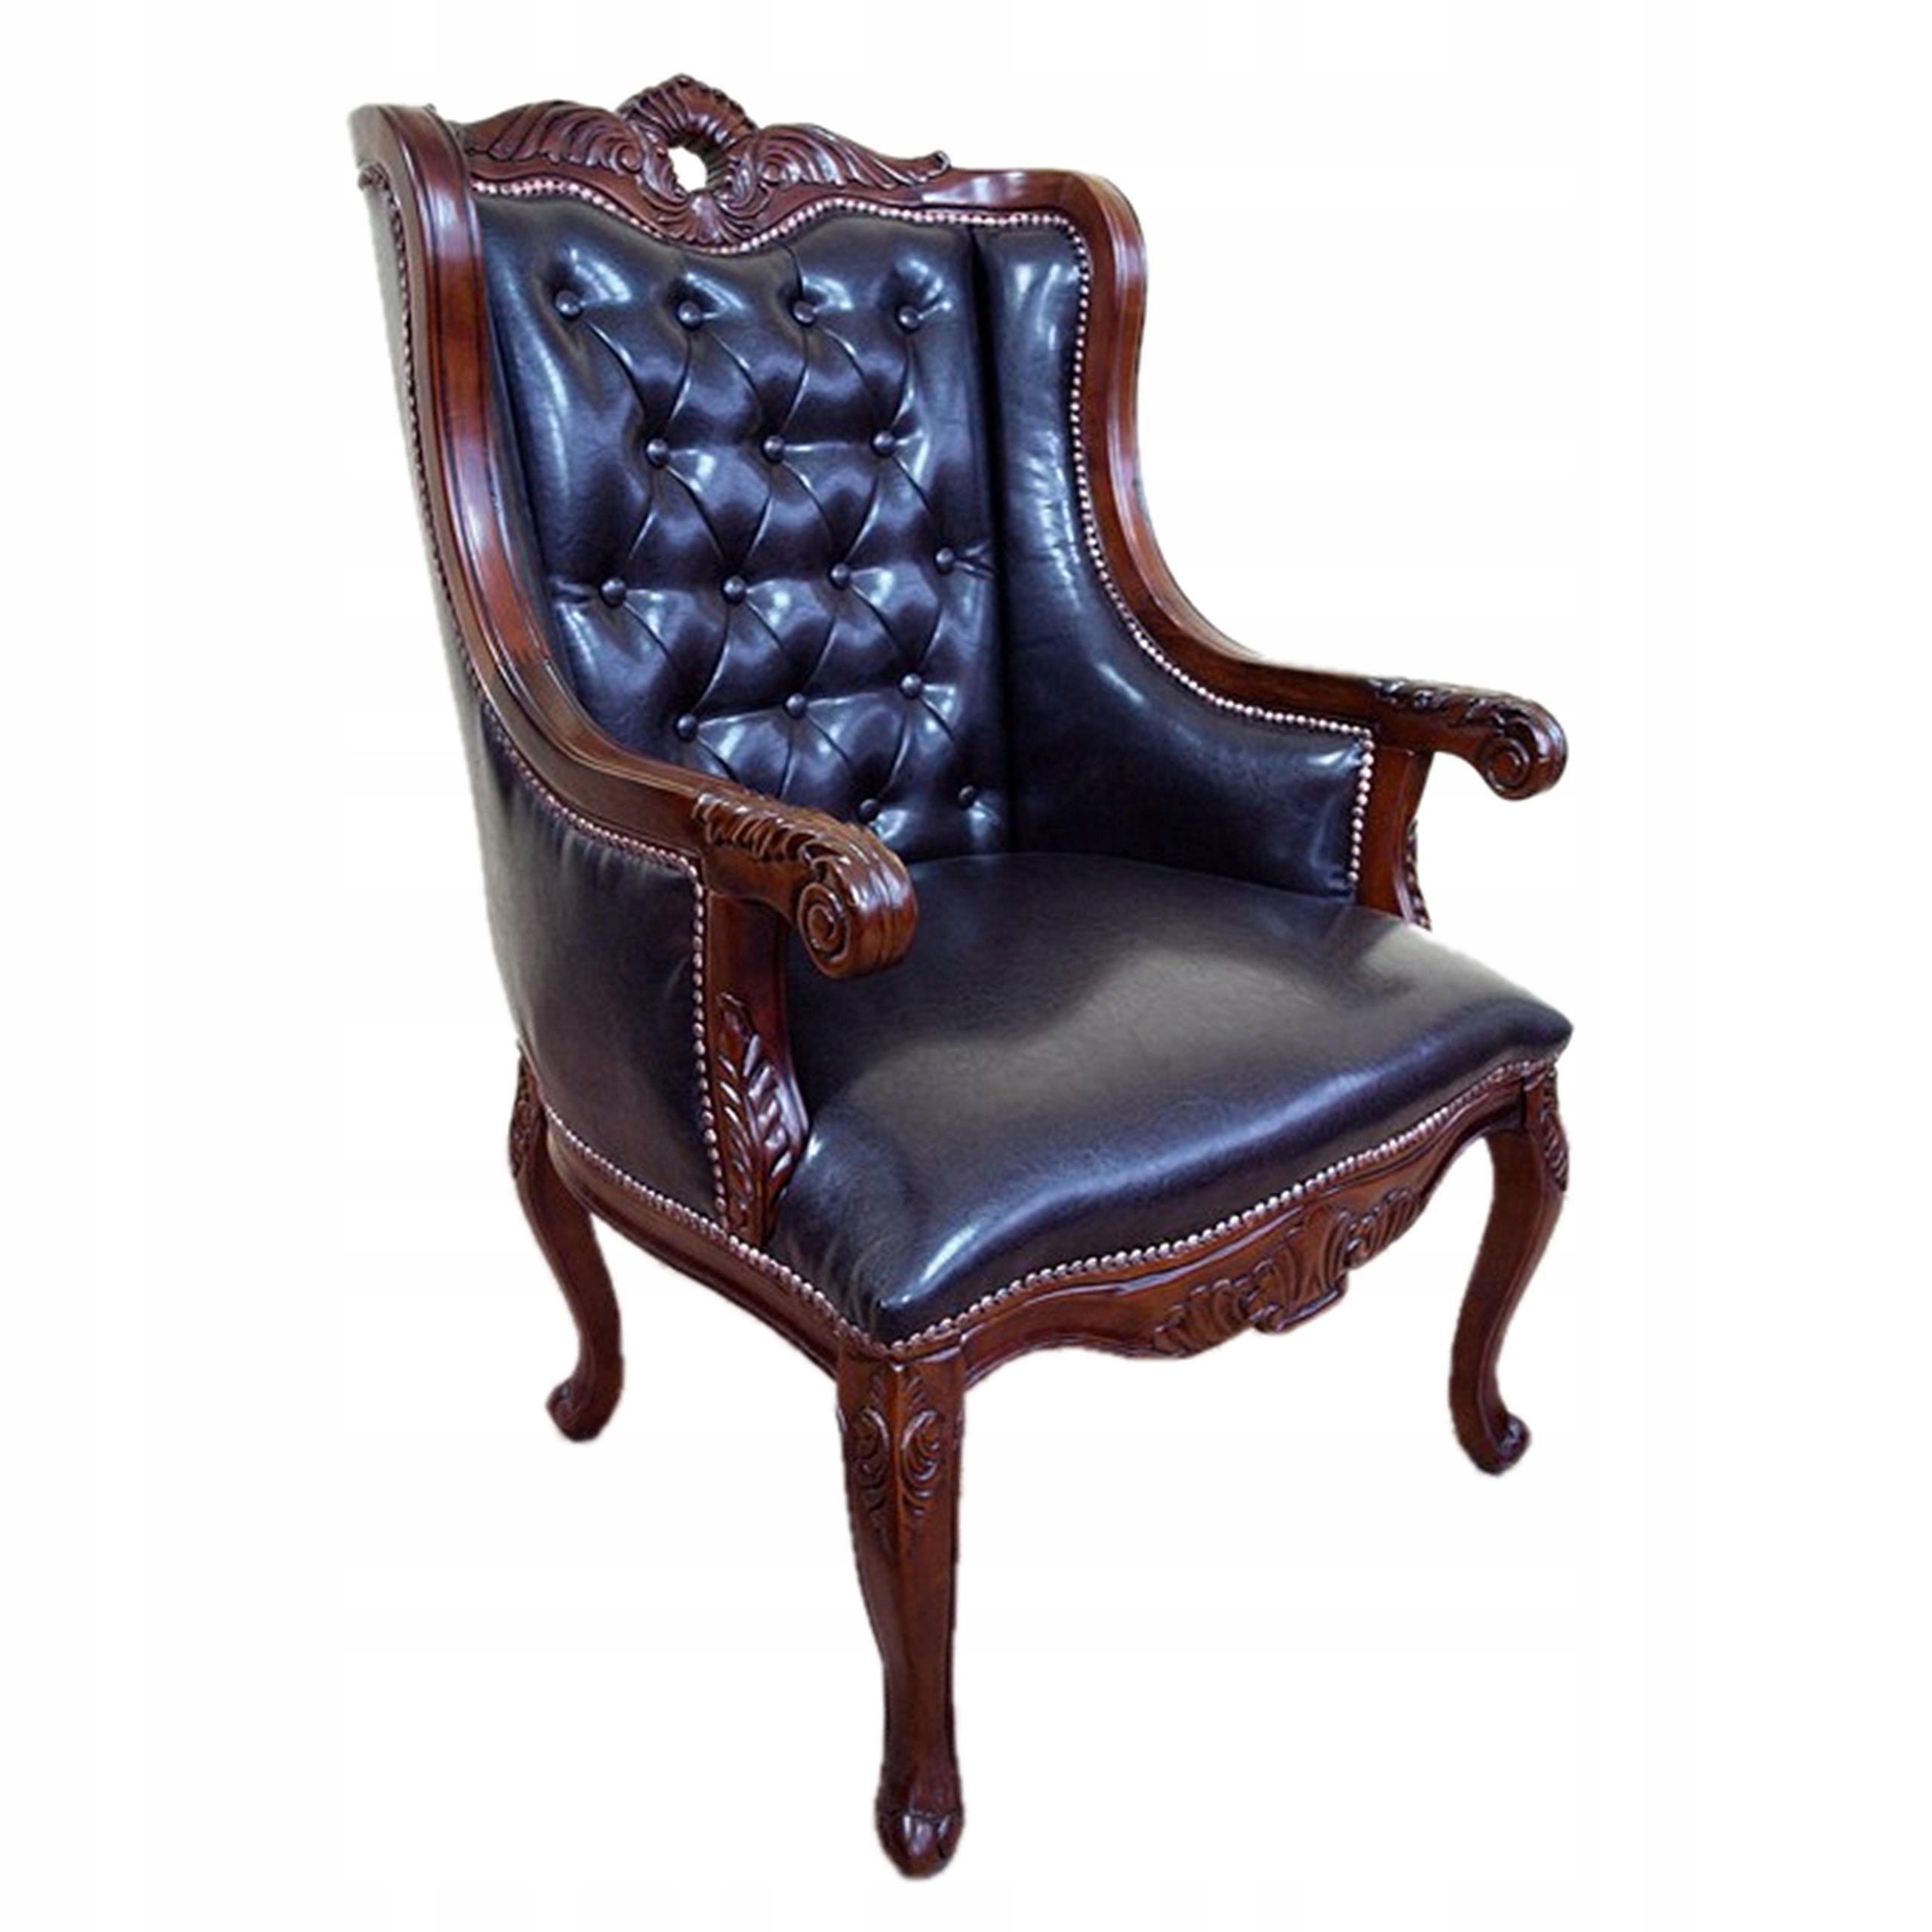 Nowy Stylizowany Klasyczny Rzeźbiony Fotel